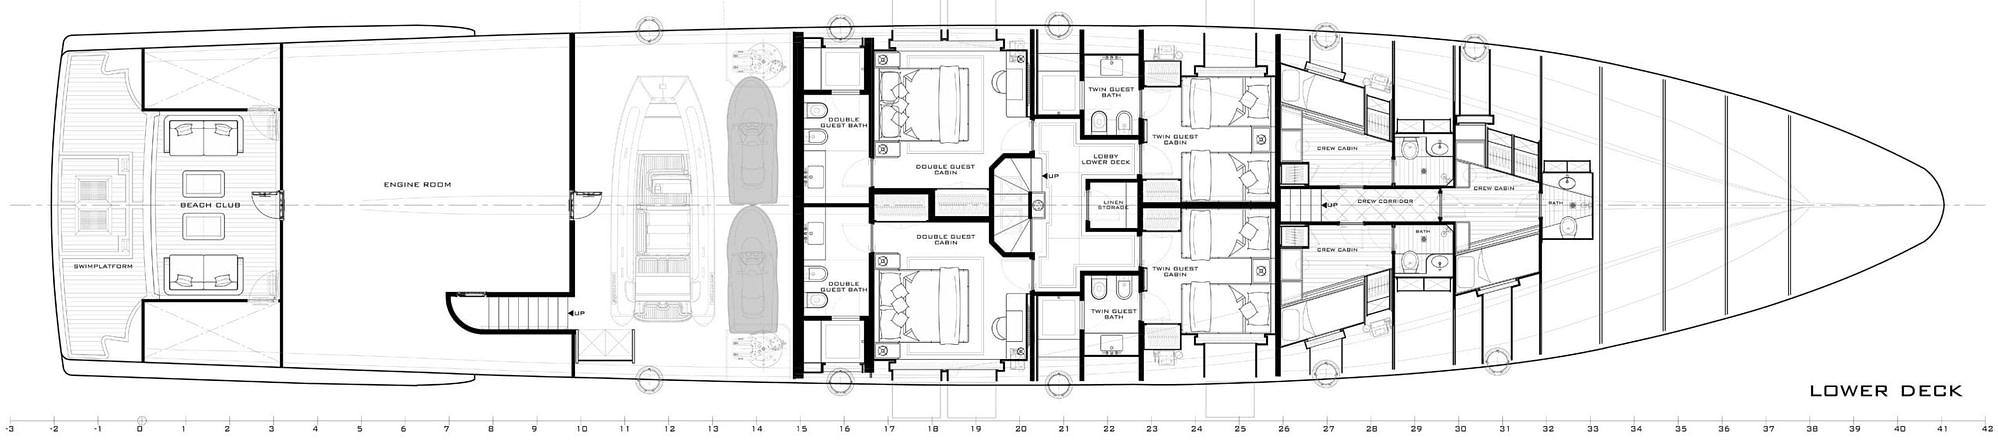 gulf craft majesty 140 layout lower deck